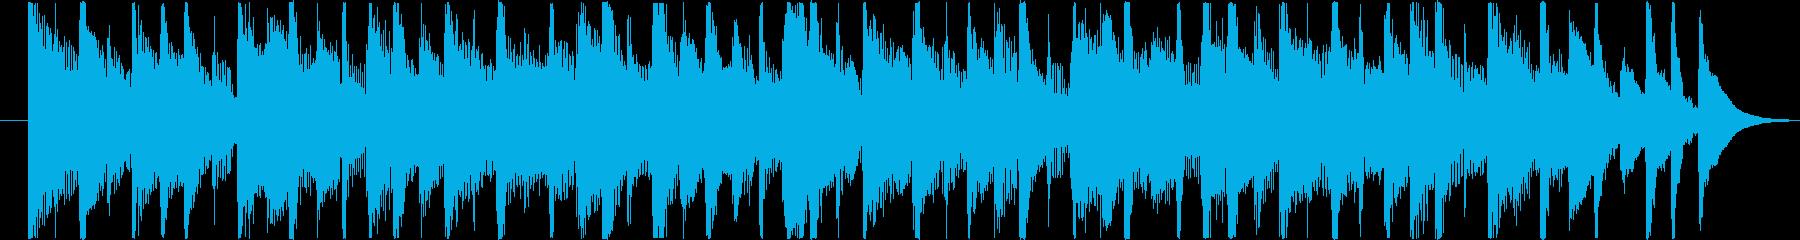 楽しくコミカルなBGM(15ver)の再生済みの波形